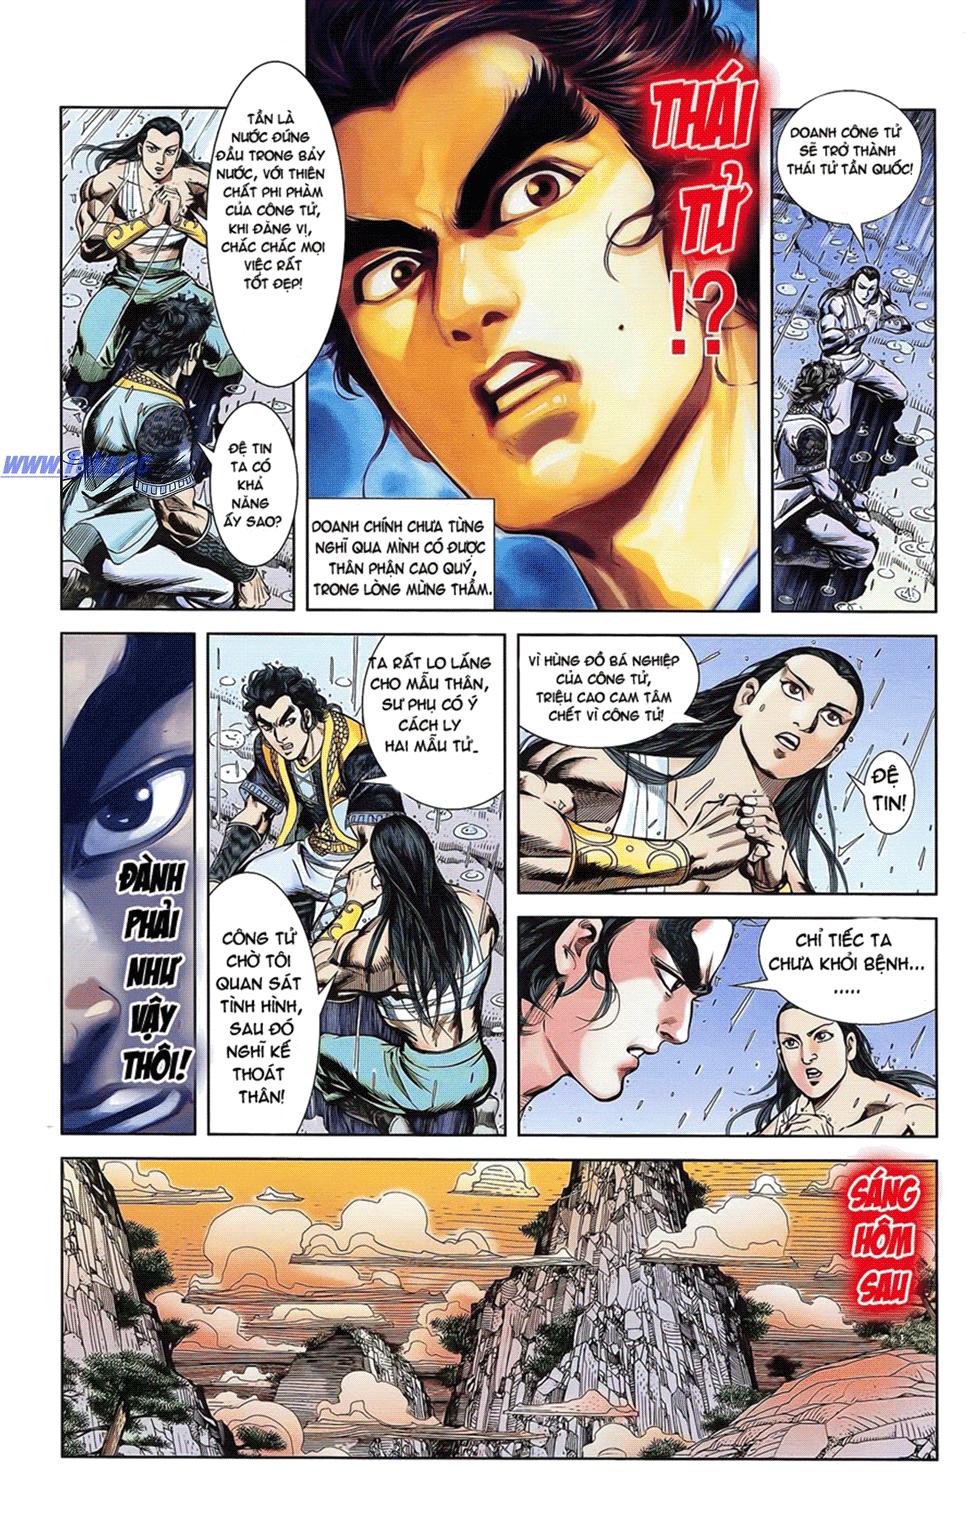 Tần Vương Doanh Chính chapter 18 trang 10